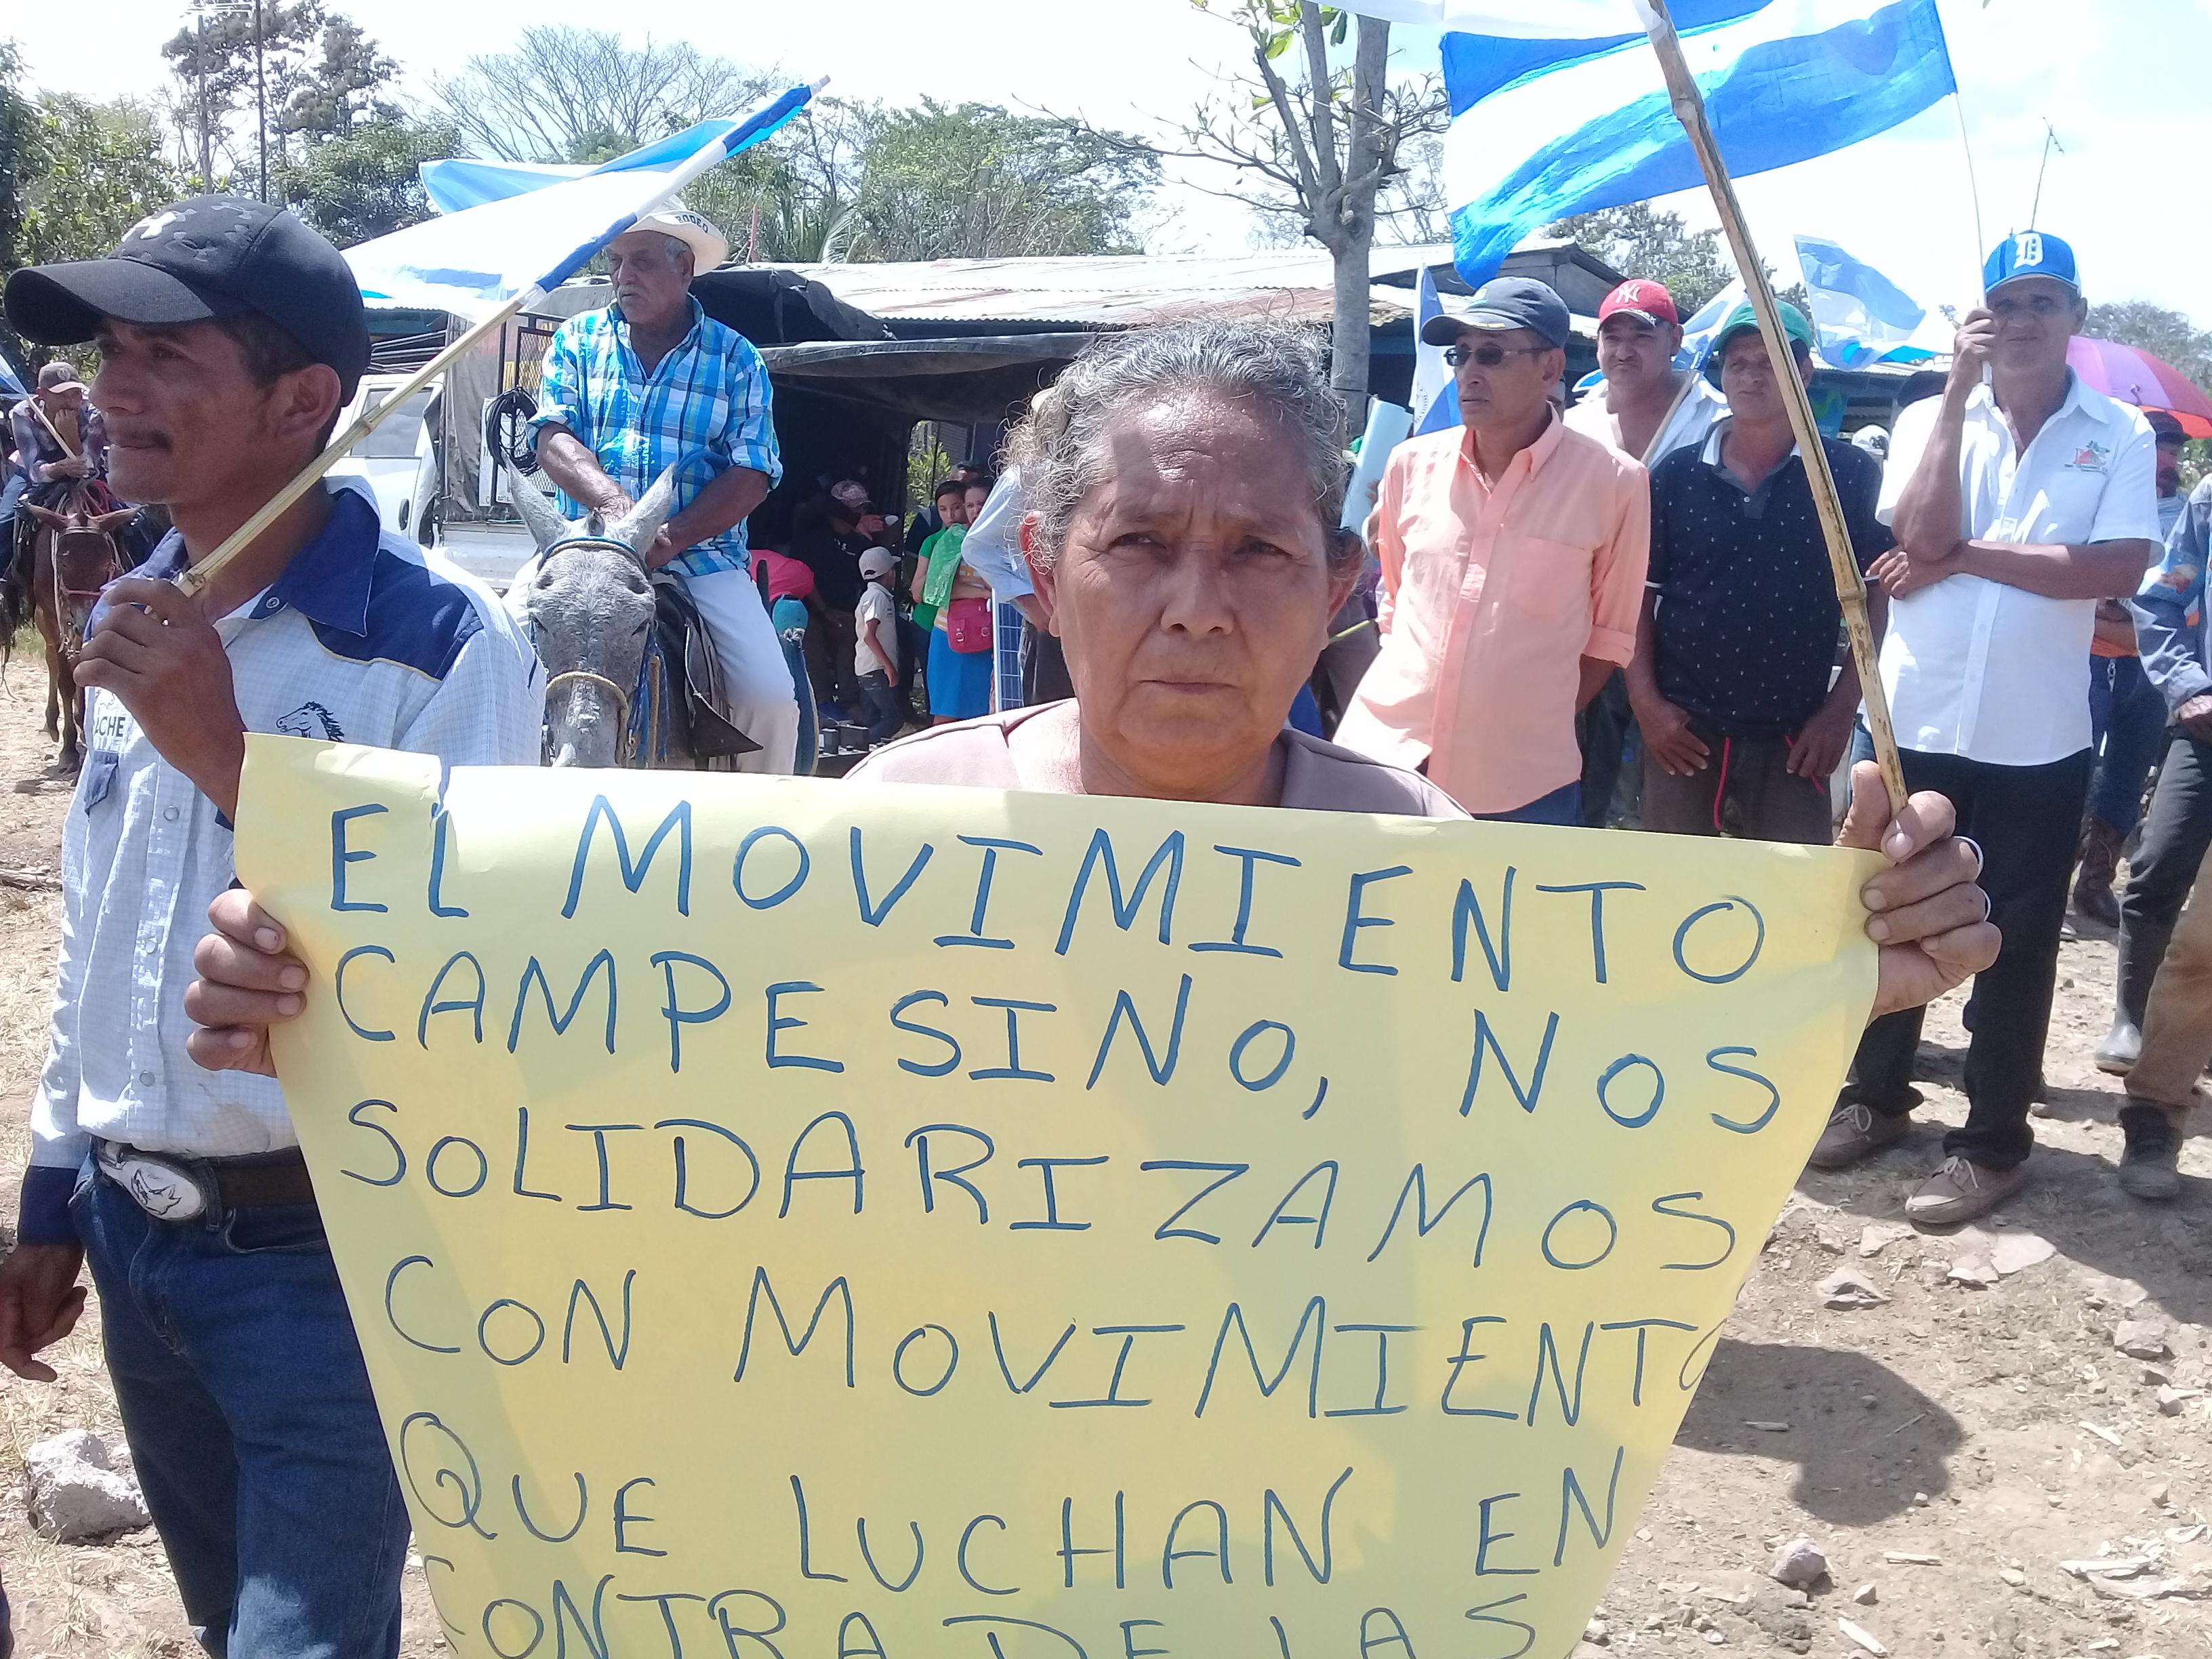 Movimiento Campesino apoya a otros movimientos sociales. Fotografía: Abixael MG/Artículo66